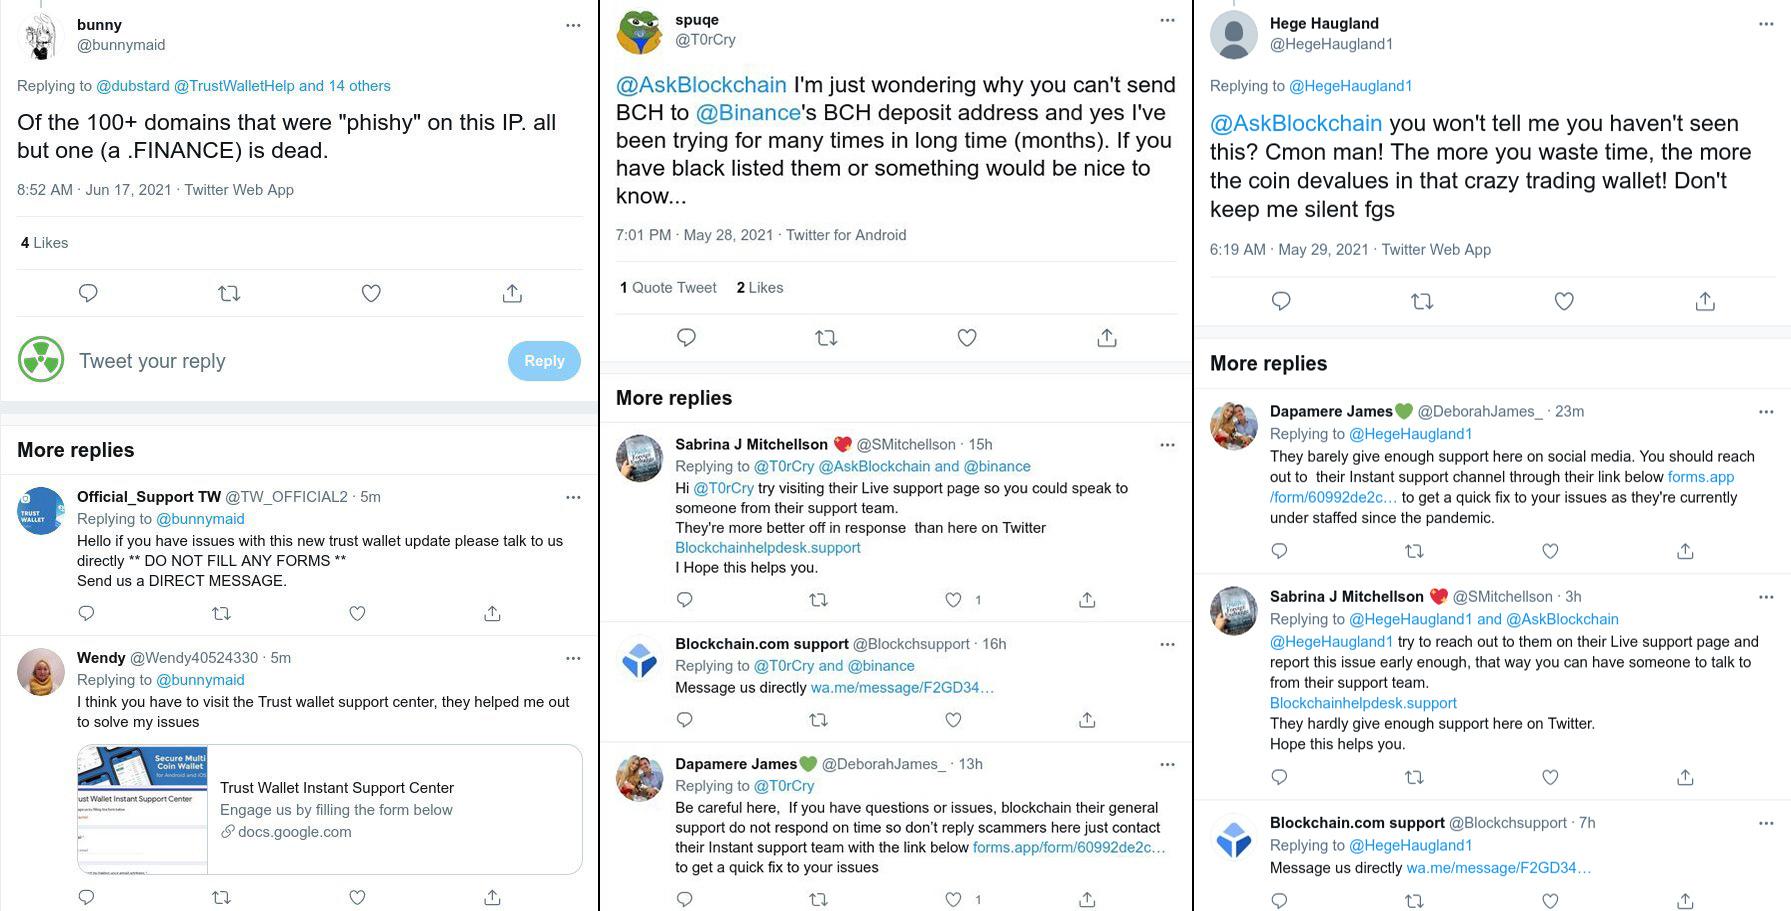 Betrüger geben sich auf Twitter als Support-Mitarbeiter von Blockchain und Trustwallet aus, um mit den Kunden per Direktnachricht zu chatten oder tarnen sich als Benutzer, die anbieten mit Links zu (Fake-)Support-Seiten weiterzuhelfen. Screenshots vom @Malwarehunterteam